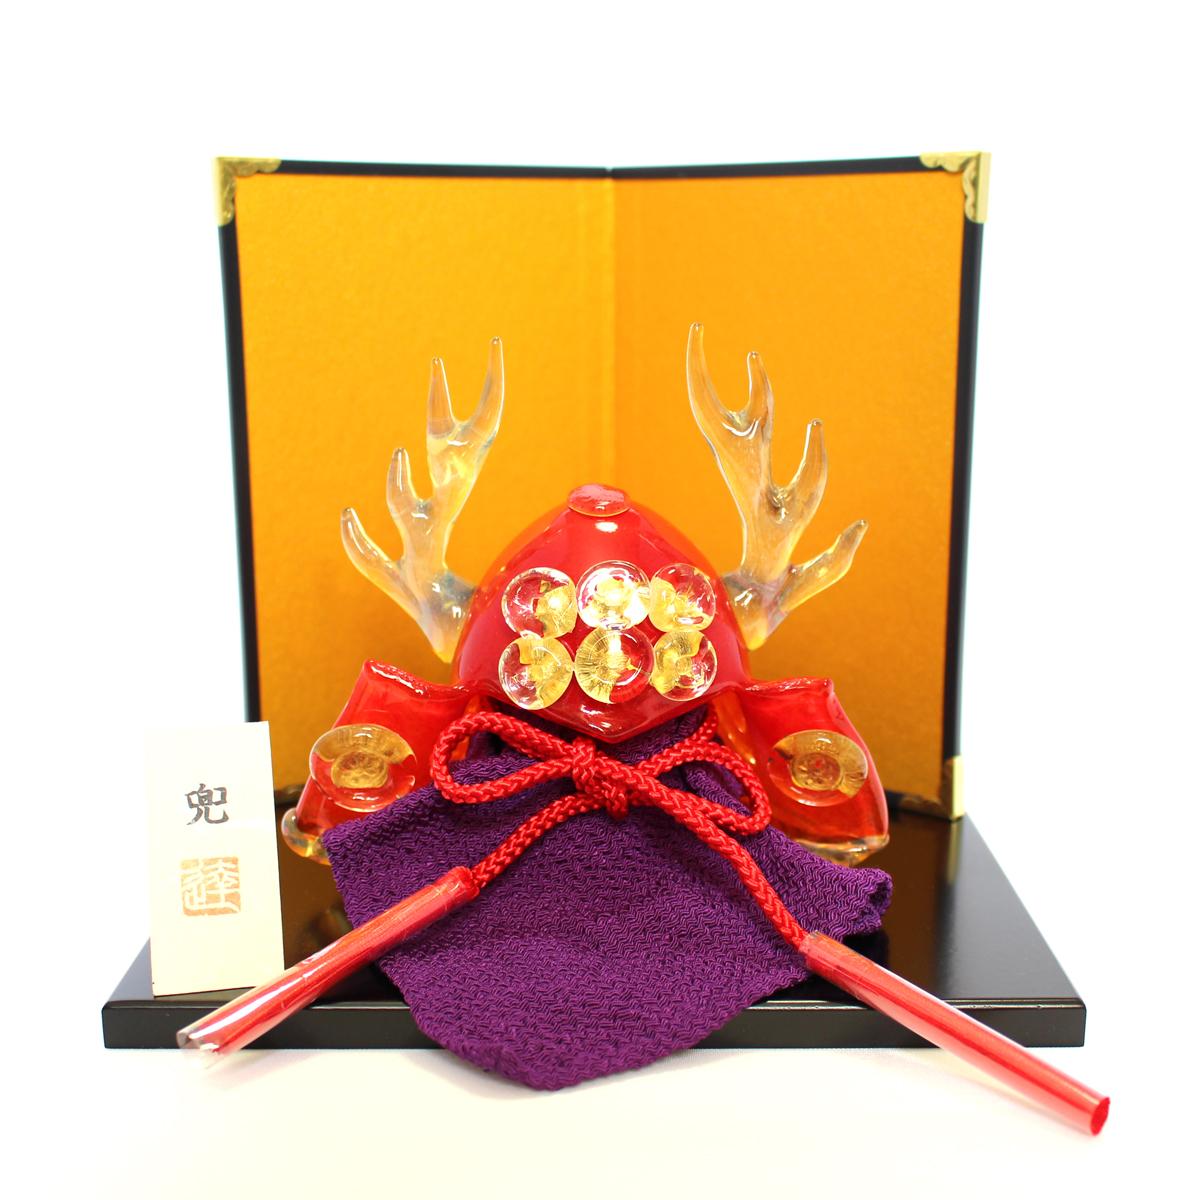 ガラスの兜 真田幸村 glass calico グラスキャリコ ハンドメイド ガラスアート 5月 端午の節句 五月人形 兜飾り オブジェ 室内 インテリア お祝い ギフト